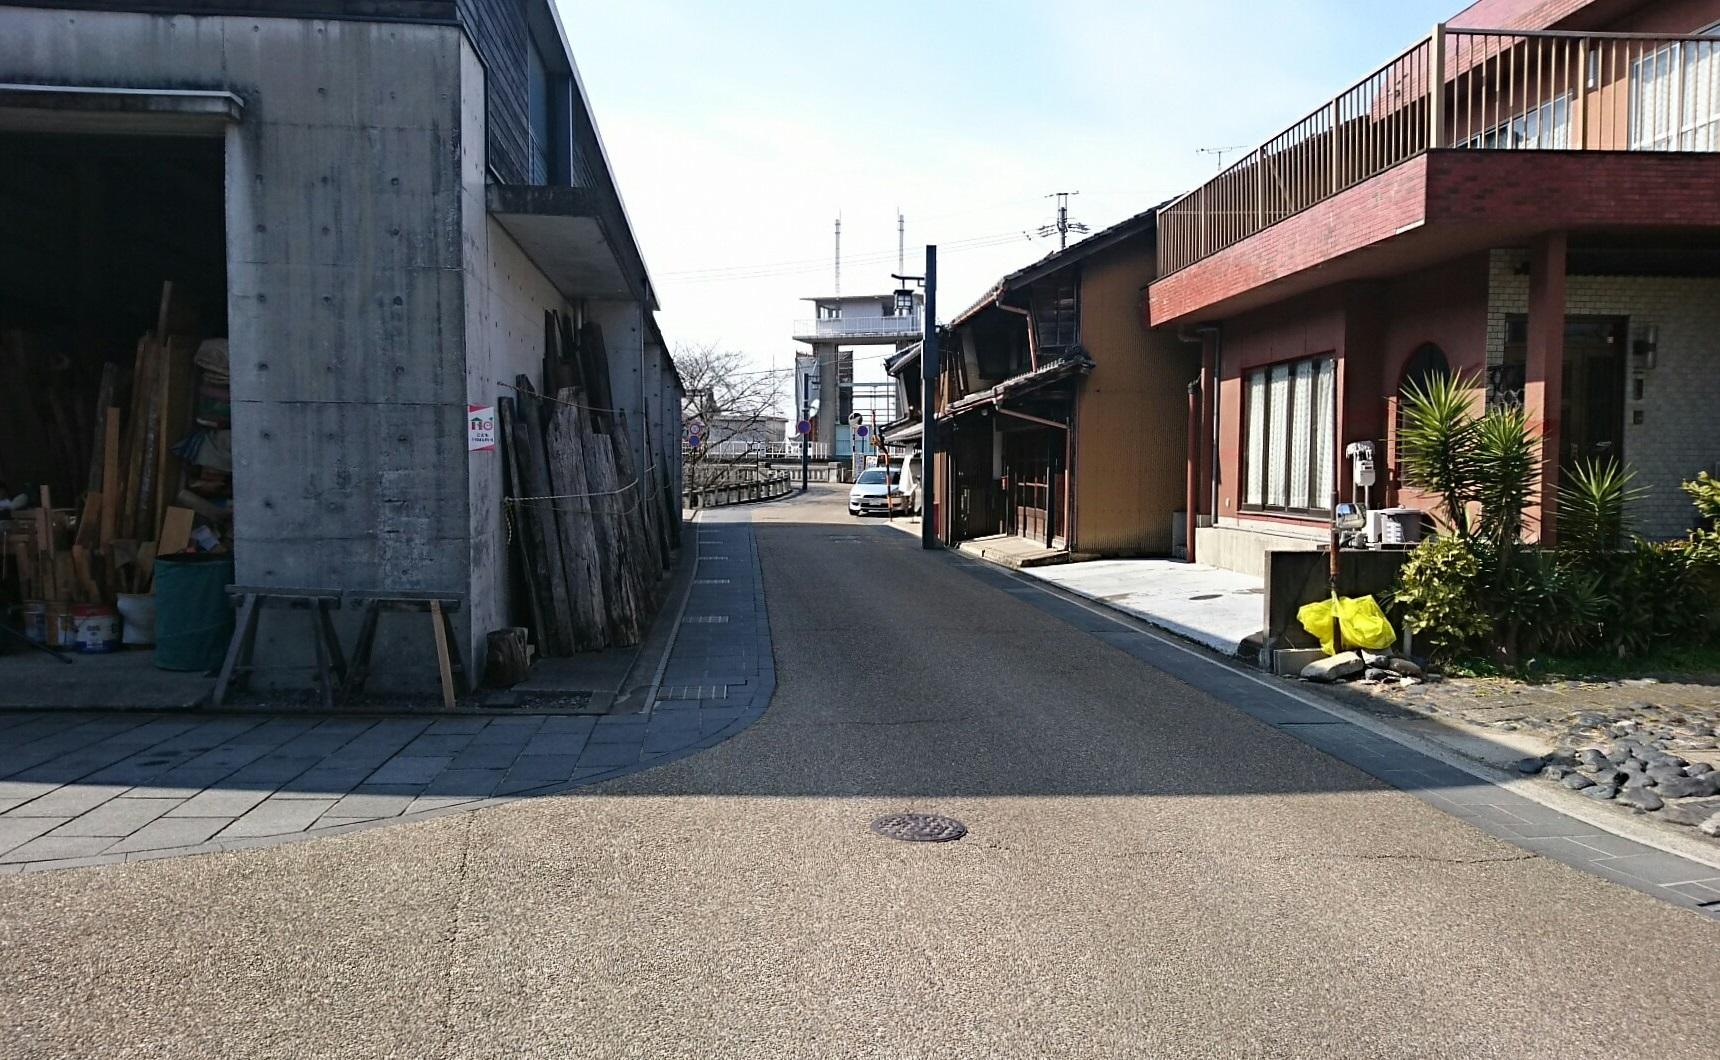 2018.2.19 岐阜 (160) 川原町にしむき 1720-1060